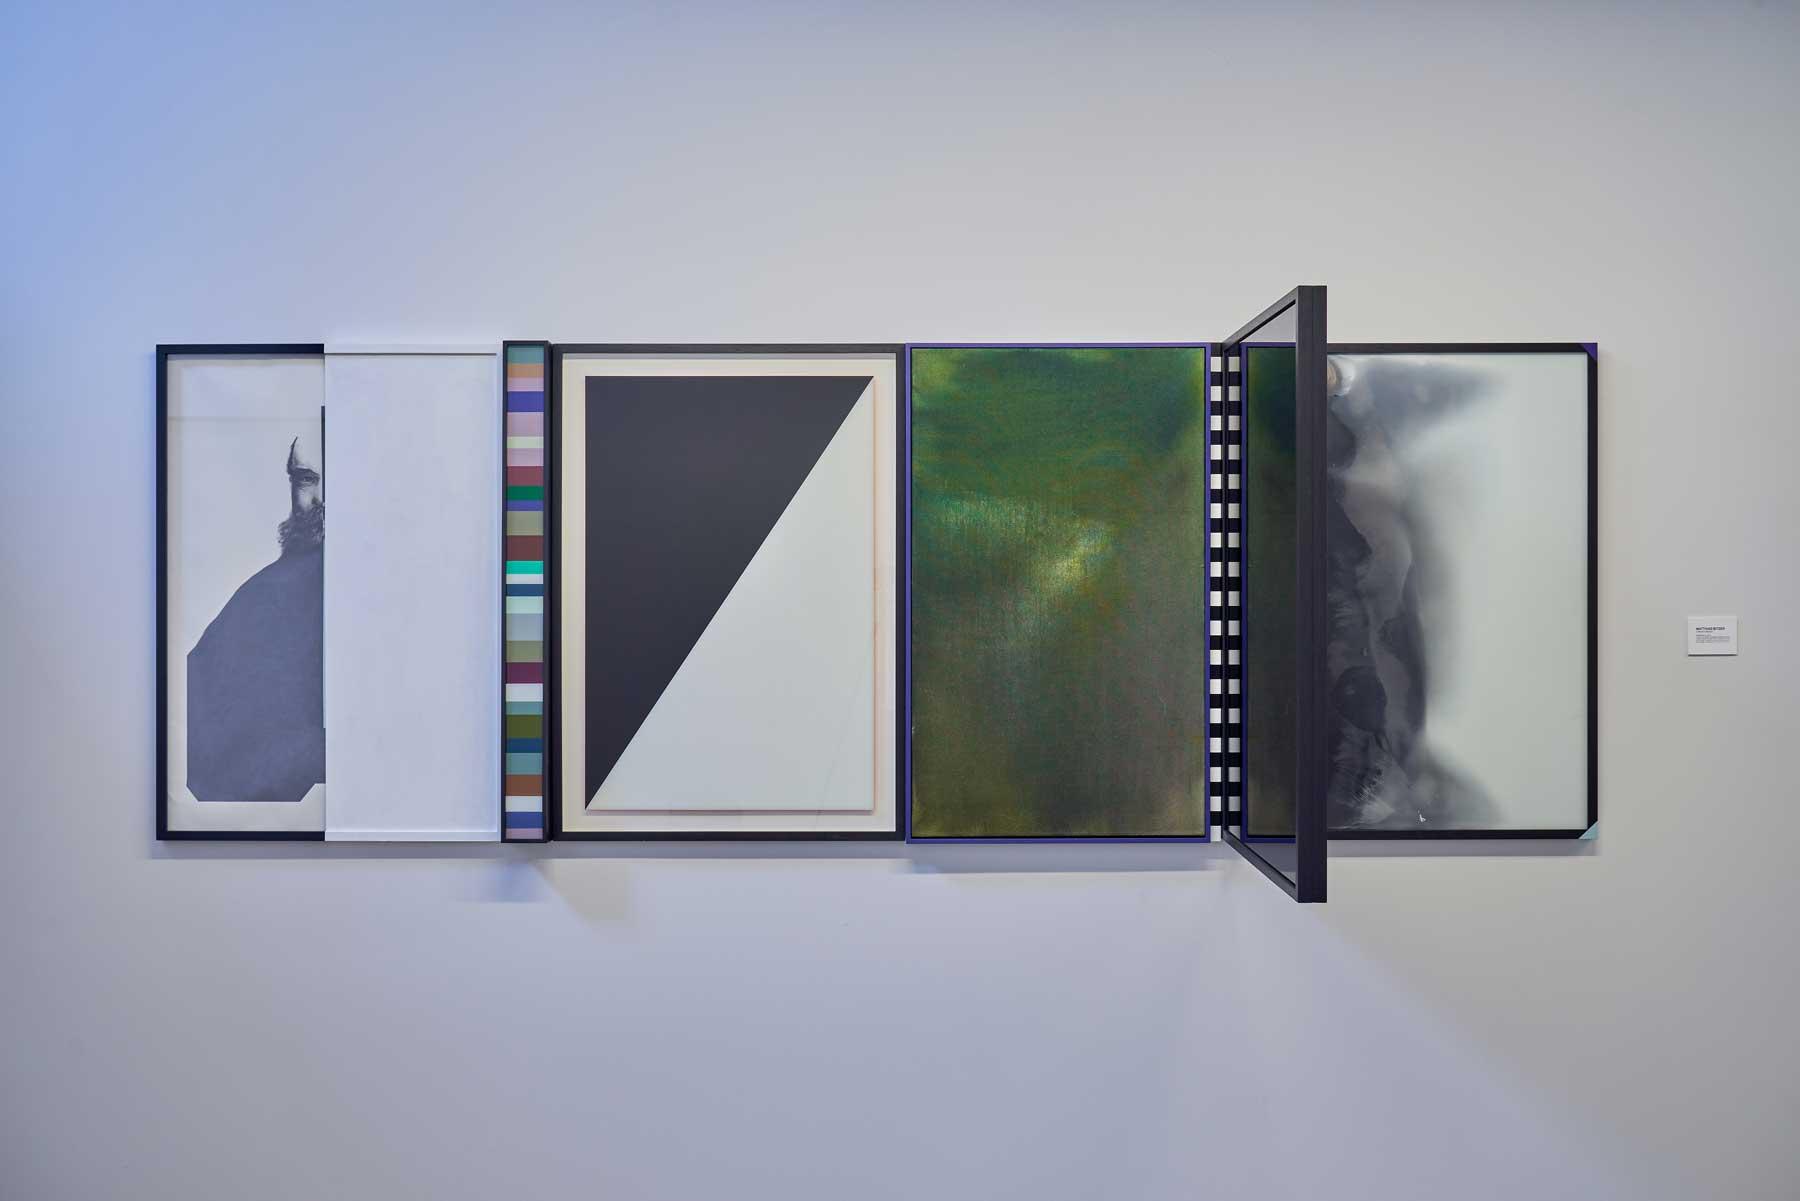 """Matthias Bitzer ,  Mist/Memory , 2016, Crayon sur papier, acrylique et laque sur verre et bois, encre sur toile, 40 ½"""" x 155 5/8"""" x 28 5/8"""" (103 x 294 x 73 cm)"""